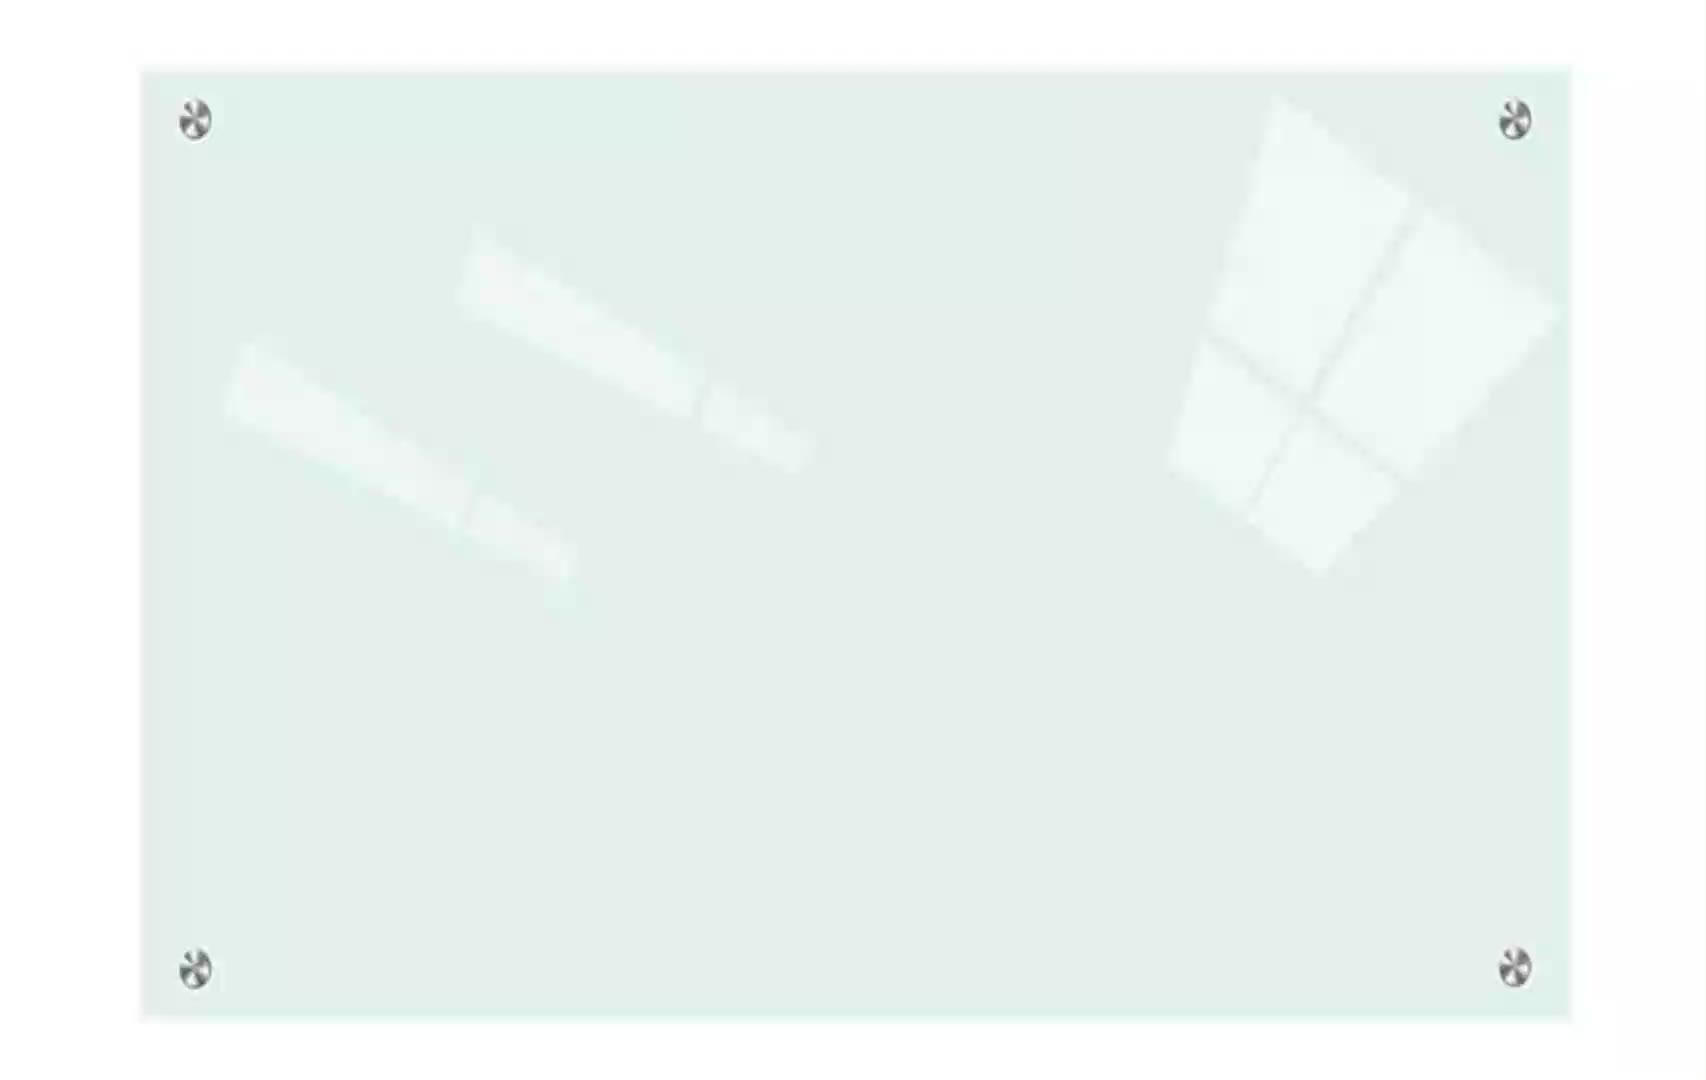 لوح أبيض مغناطيسي بدون إطار من الزجاج المقوى غير قابل للوهج ، لوح أبيض زجاجي